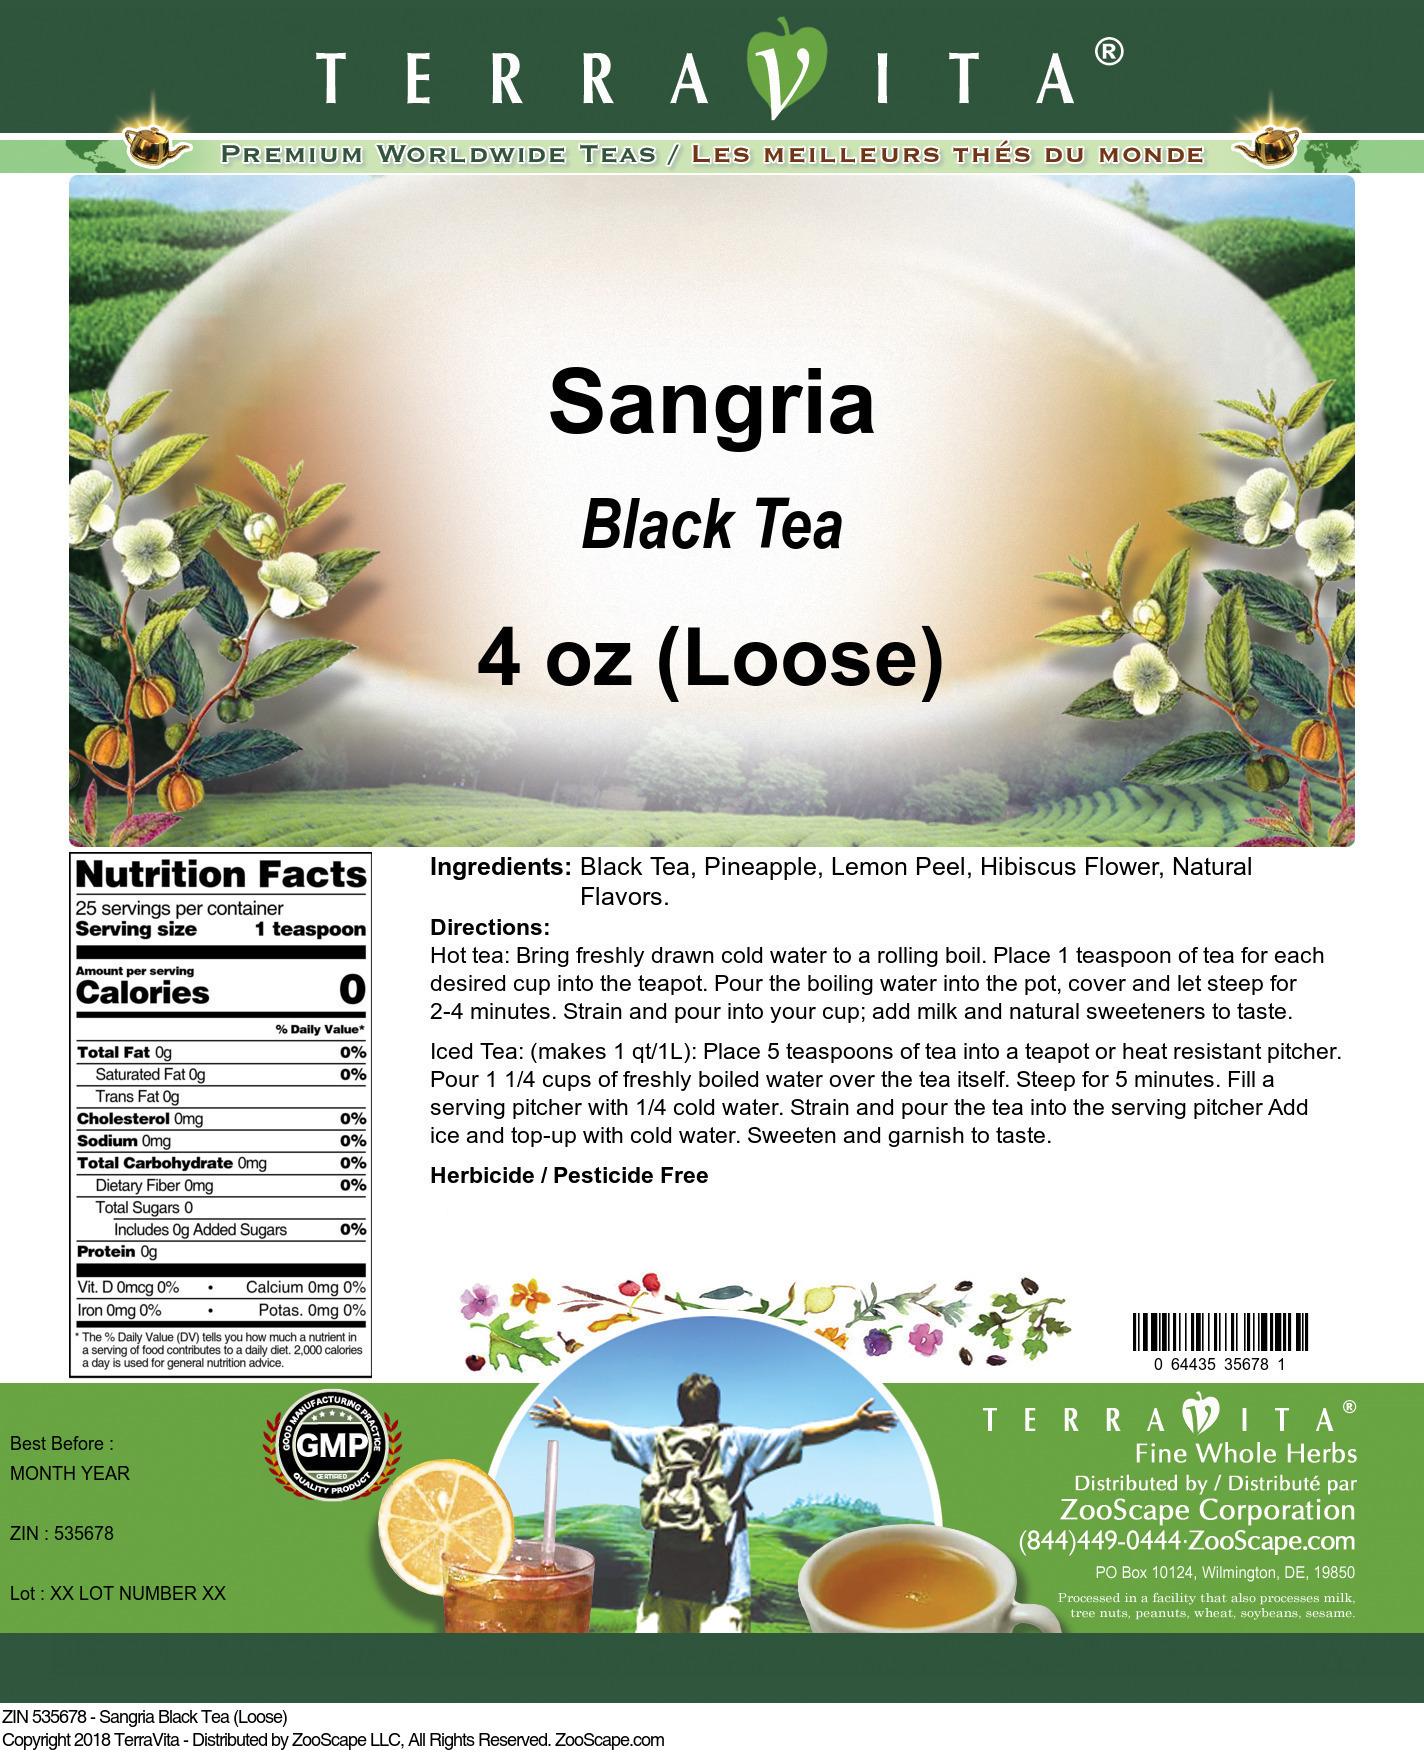 Sangria Black Tea